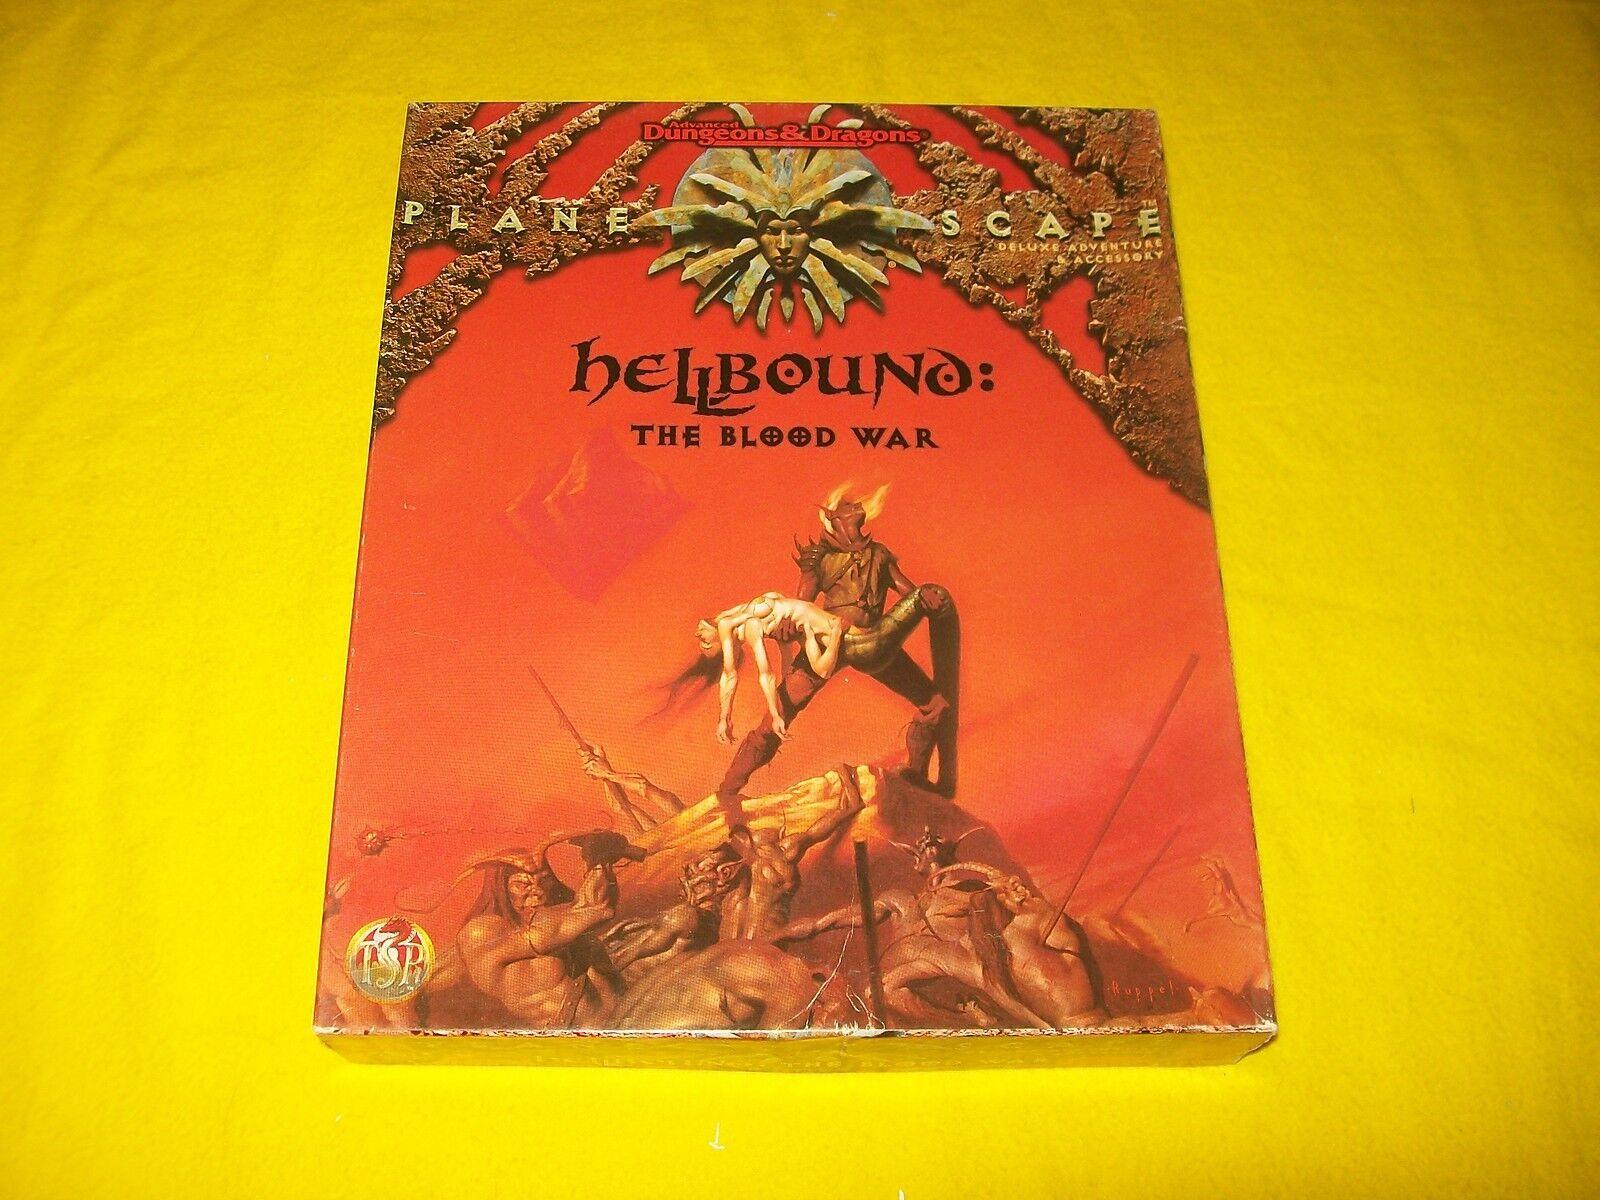 Hellbound la sangre guerra Planescape de Dungeons & Dragons AD&D TSR 2621 - 2 Completa